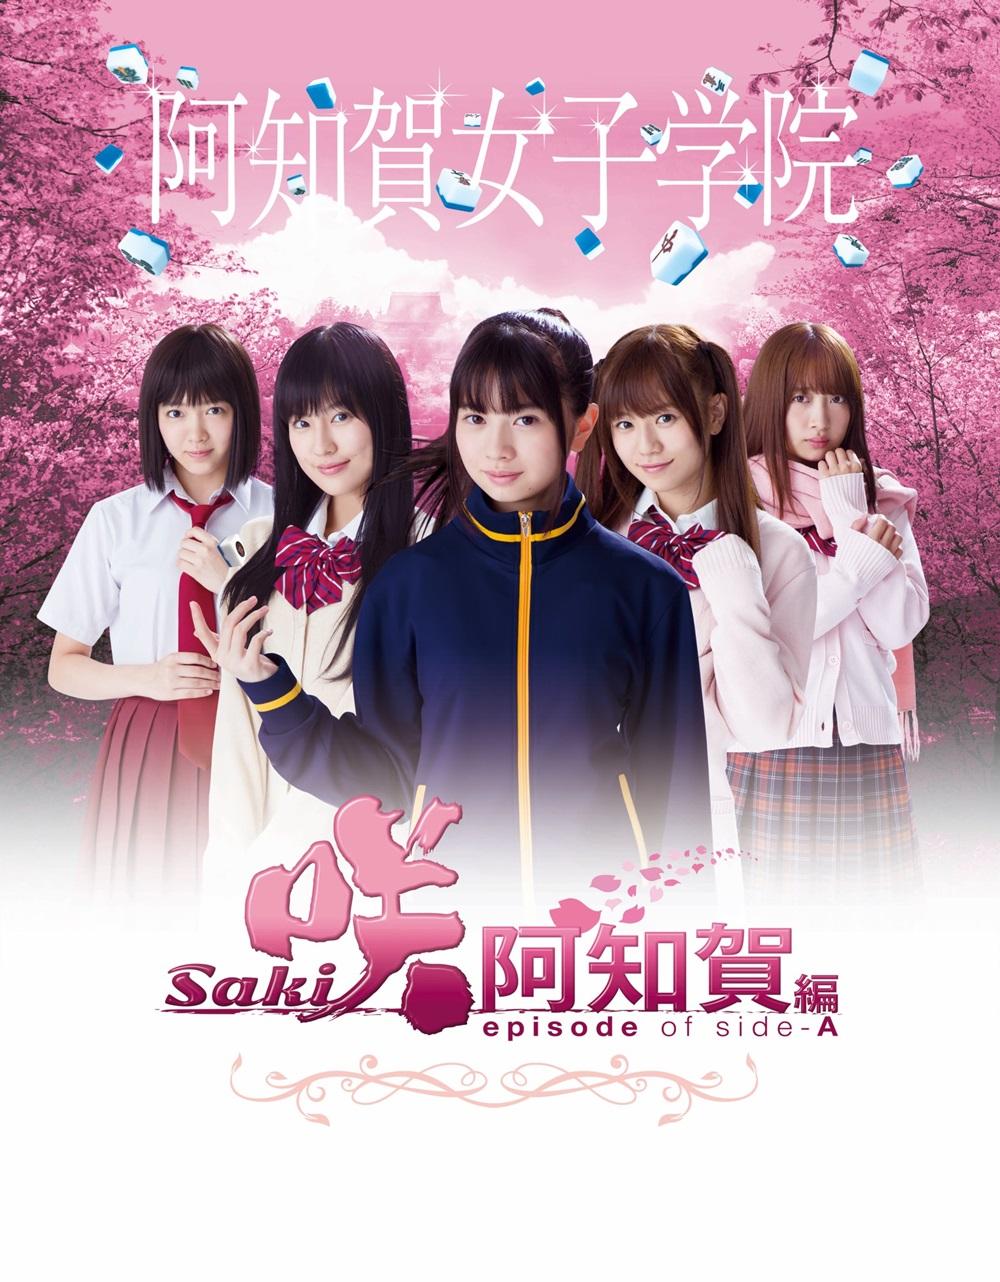 【画像】映画『咲-Saki-阿知賀編 episode of side-A』ポスタービジュアル